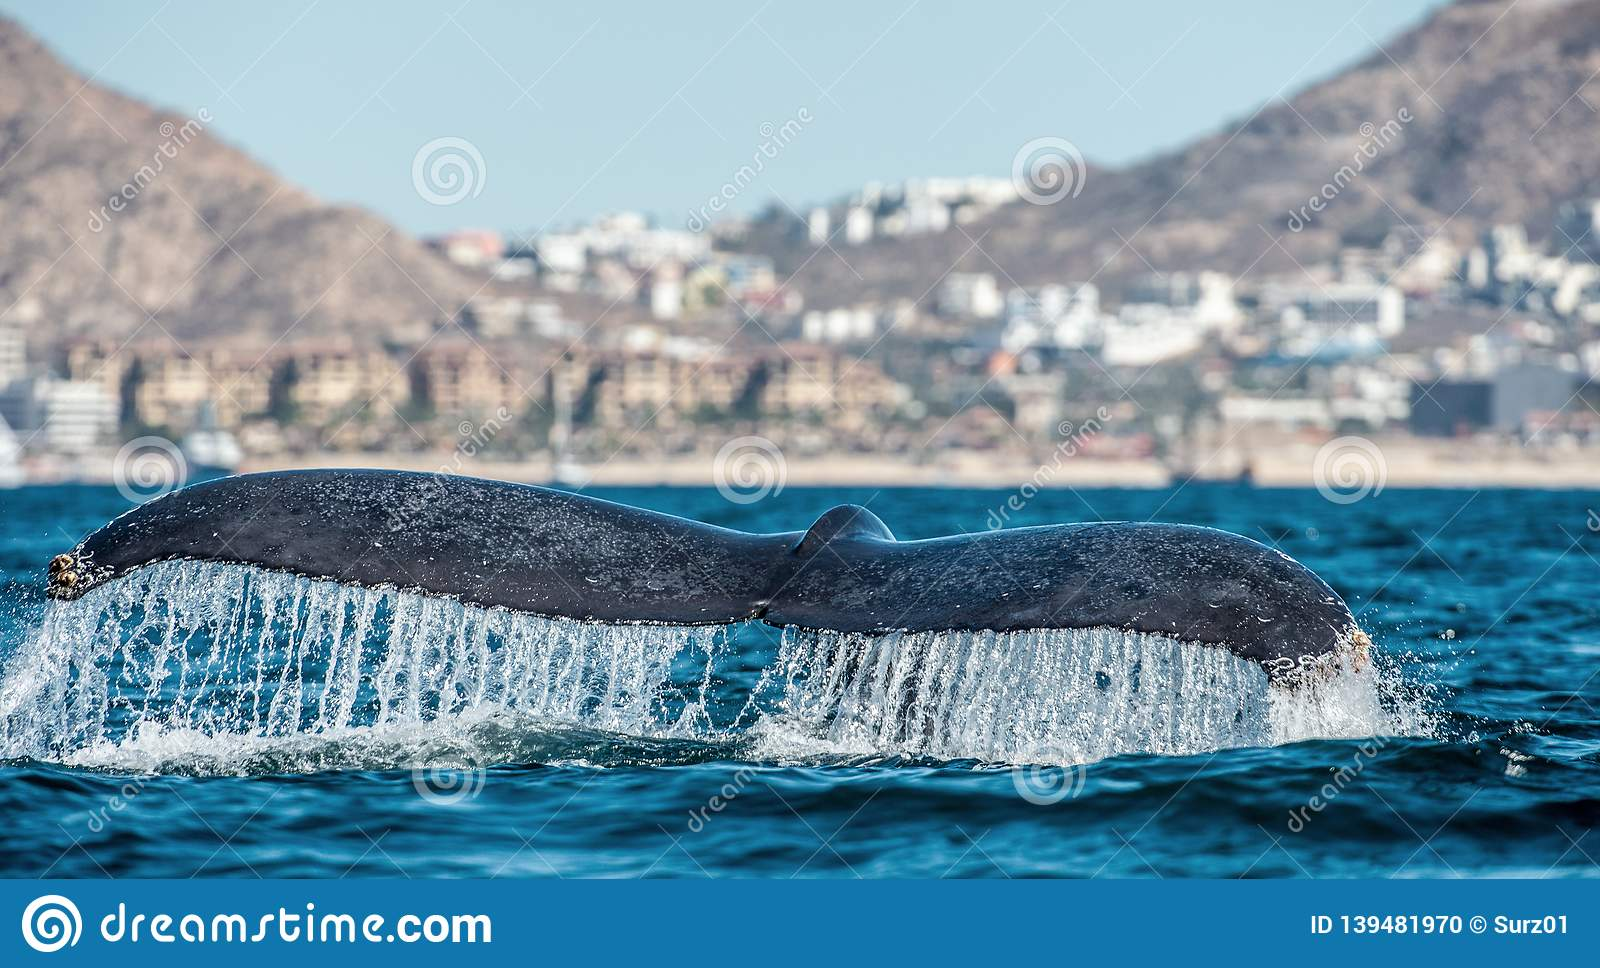 强大驼背鲸Megaptera novaeangliae的尾